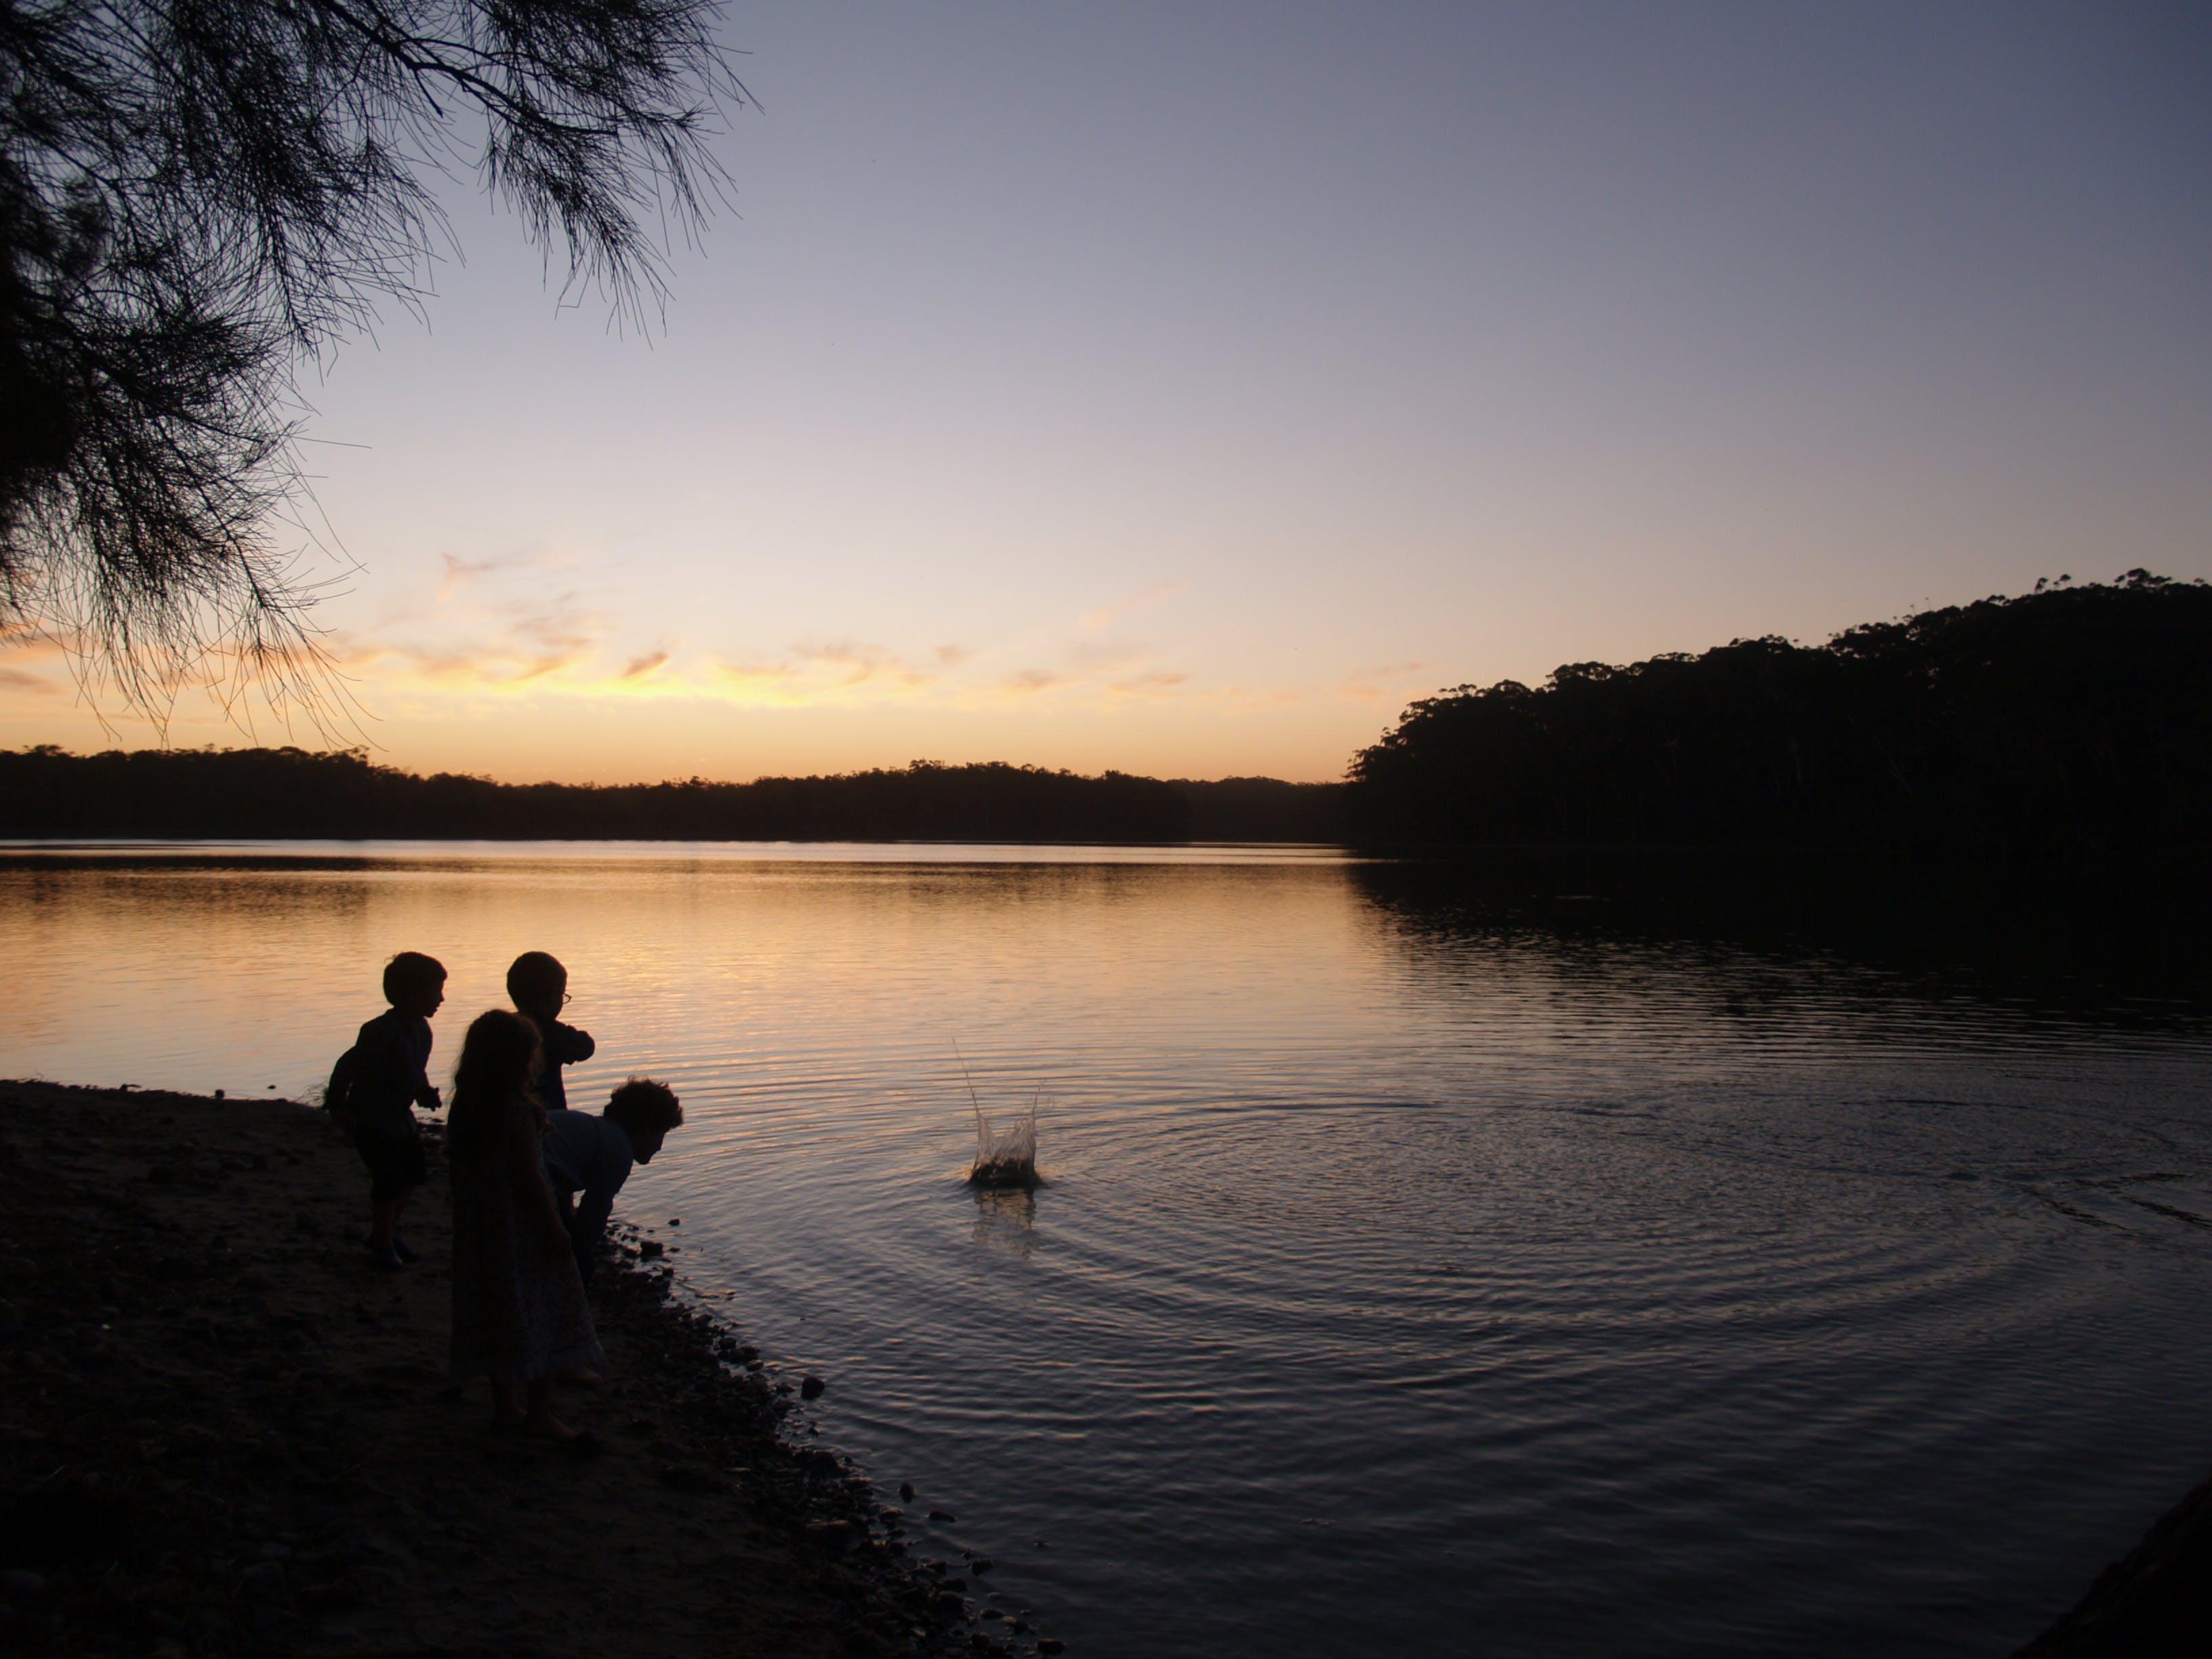 Free stock photo of child, children, children playing, lake